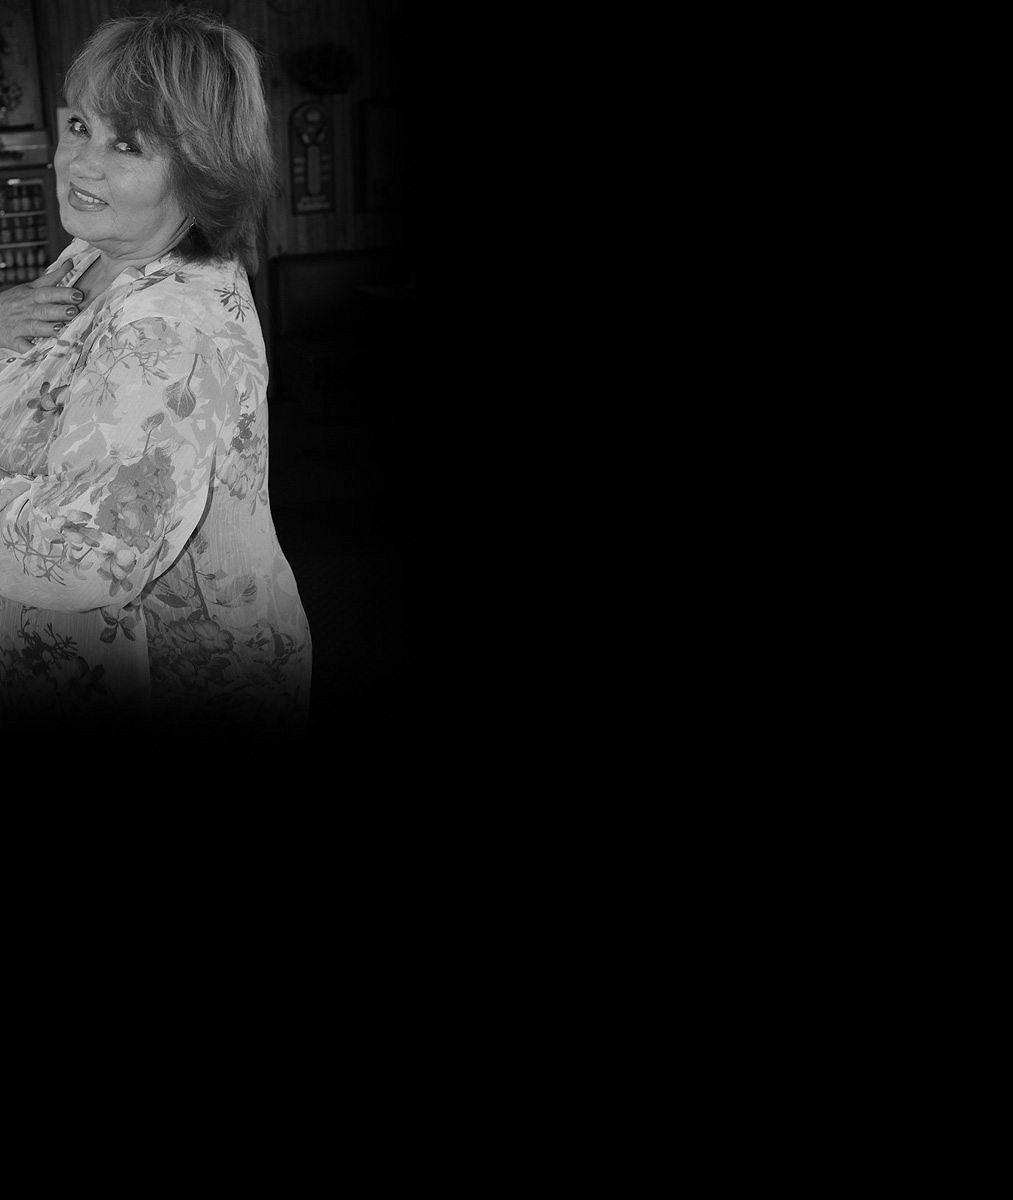 Vítězslav Vávra vrací úder: Co říká na to, že ho syn Špinarové touží zmlátit a odmítá ho pustit k rakvi exmanželky?